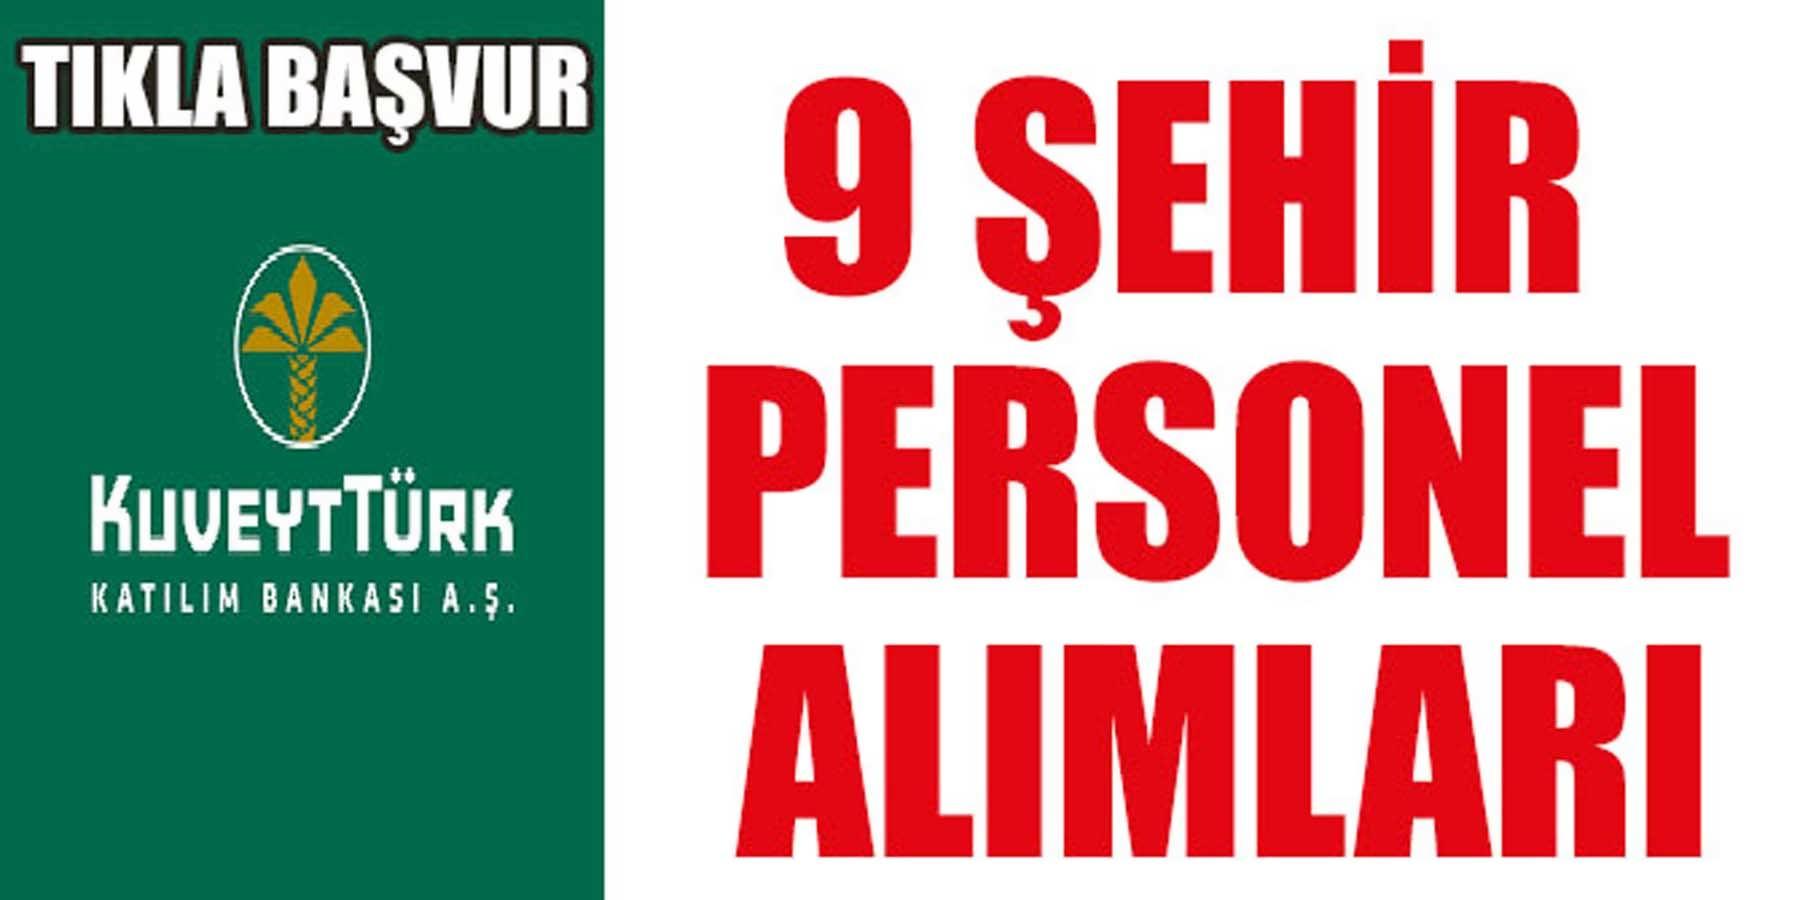 Kuveyt Türk Katılım Bankası 9 Şehre Personel Alımları